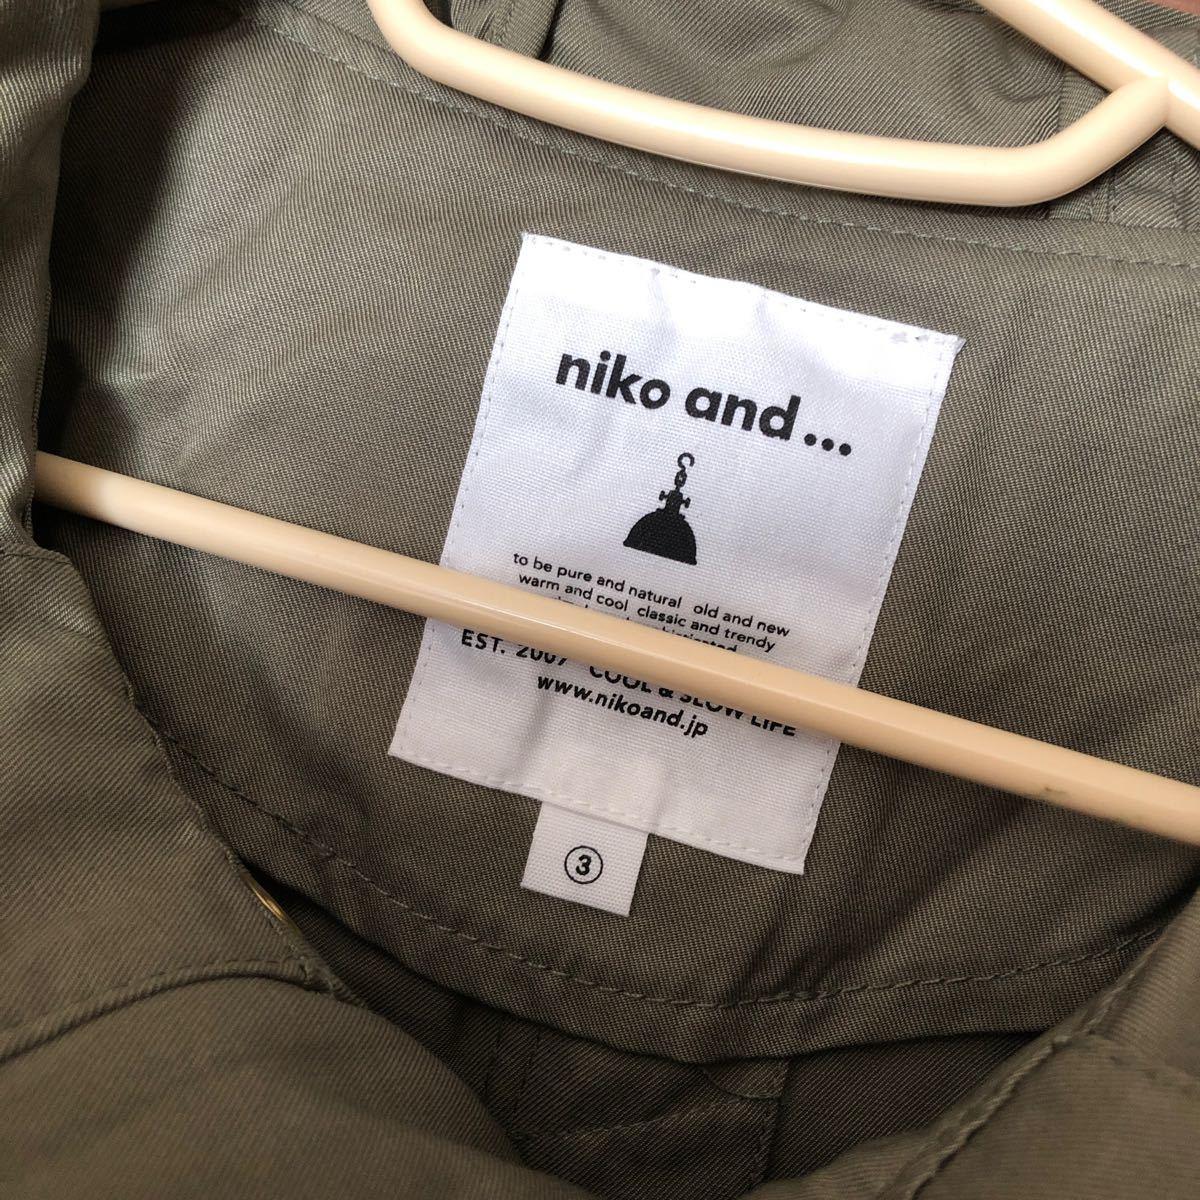 ニコアンド niko and... フレアマウンテンパーカー ジャケット